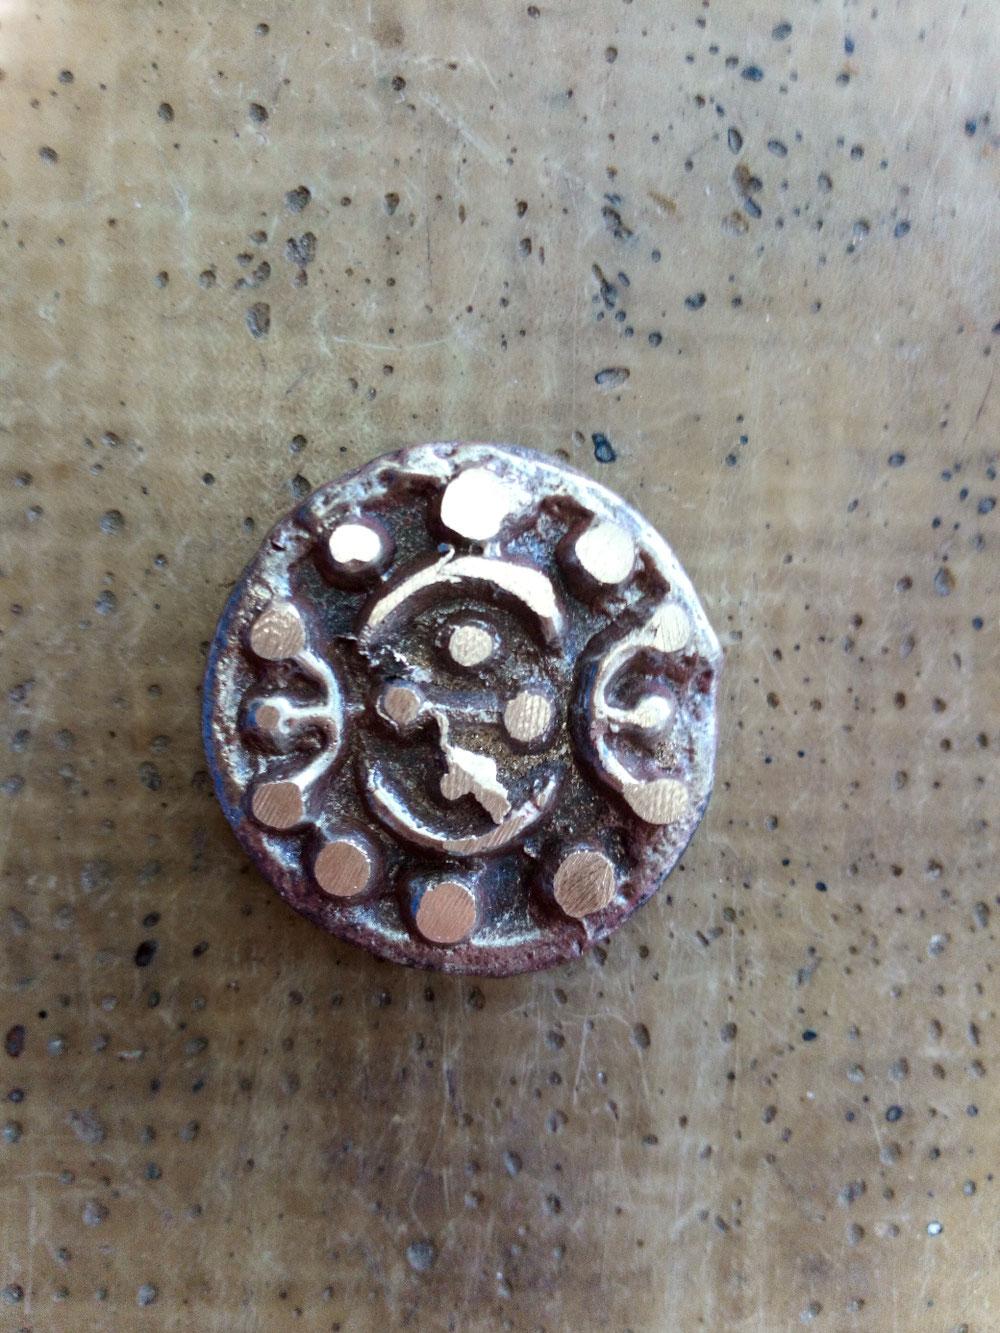 Peup a peu le talisman apparaît, toujours il comporte les formes du gui.